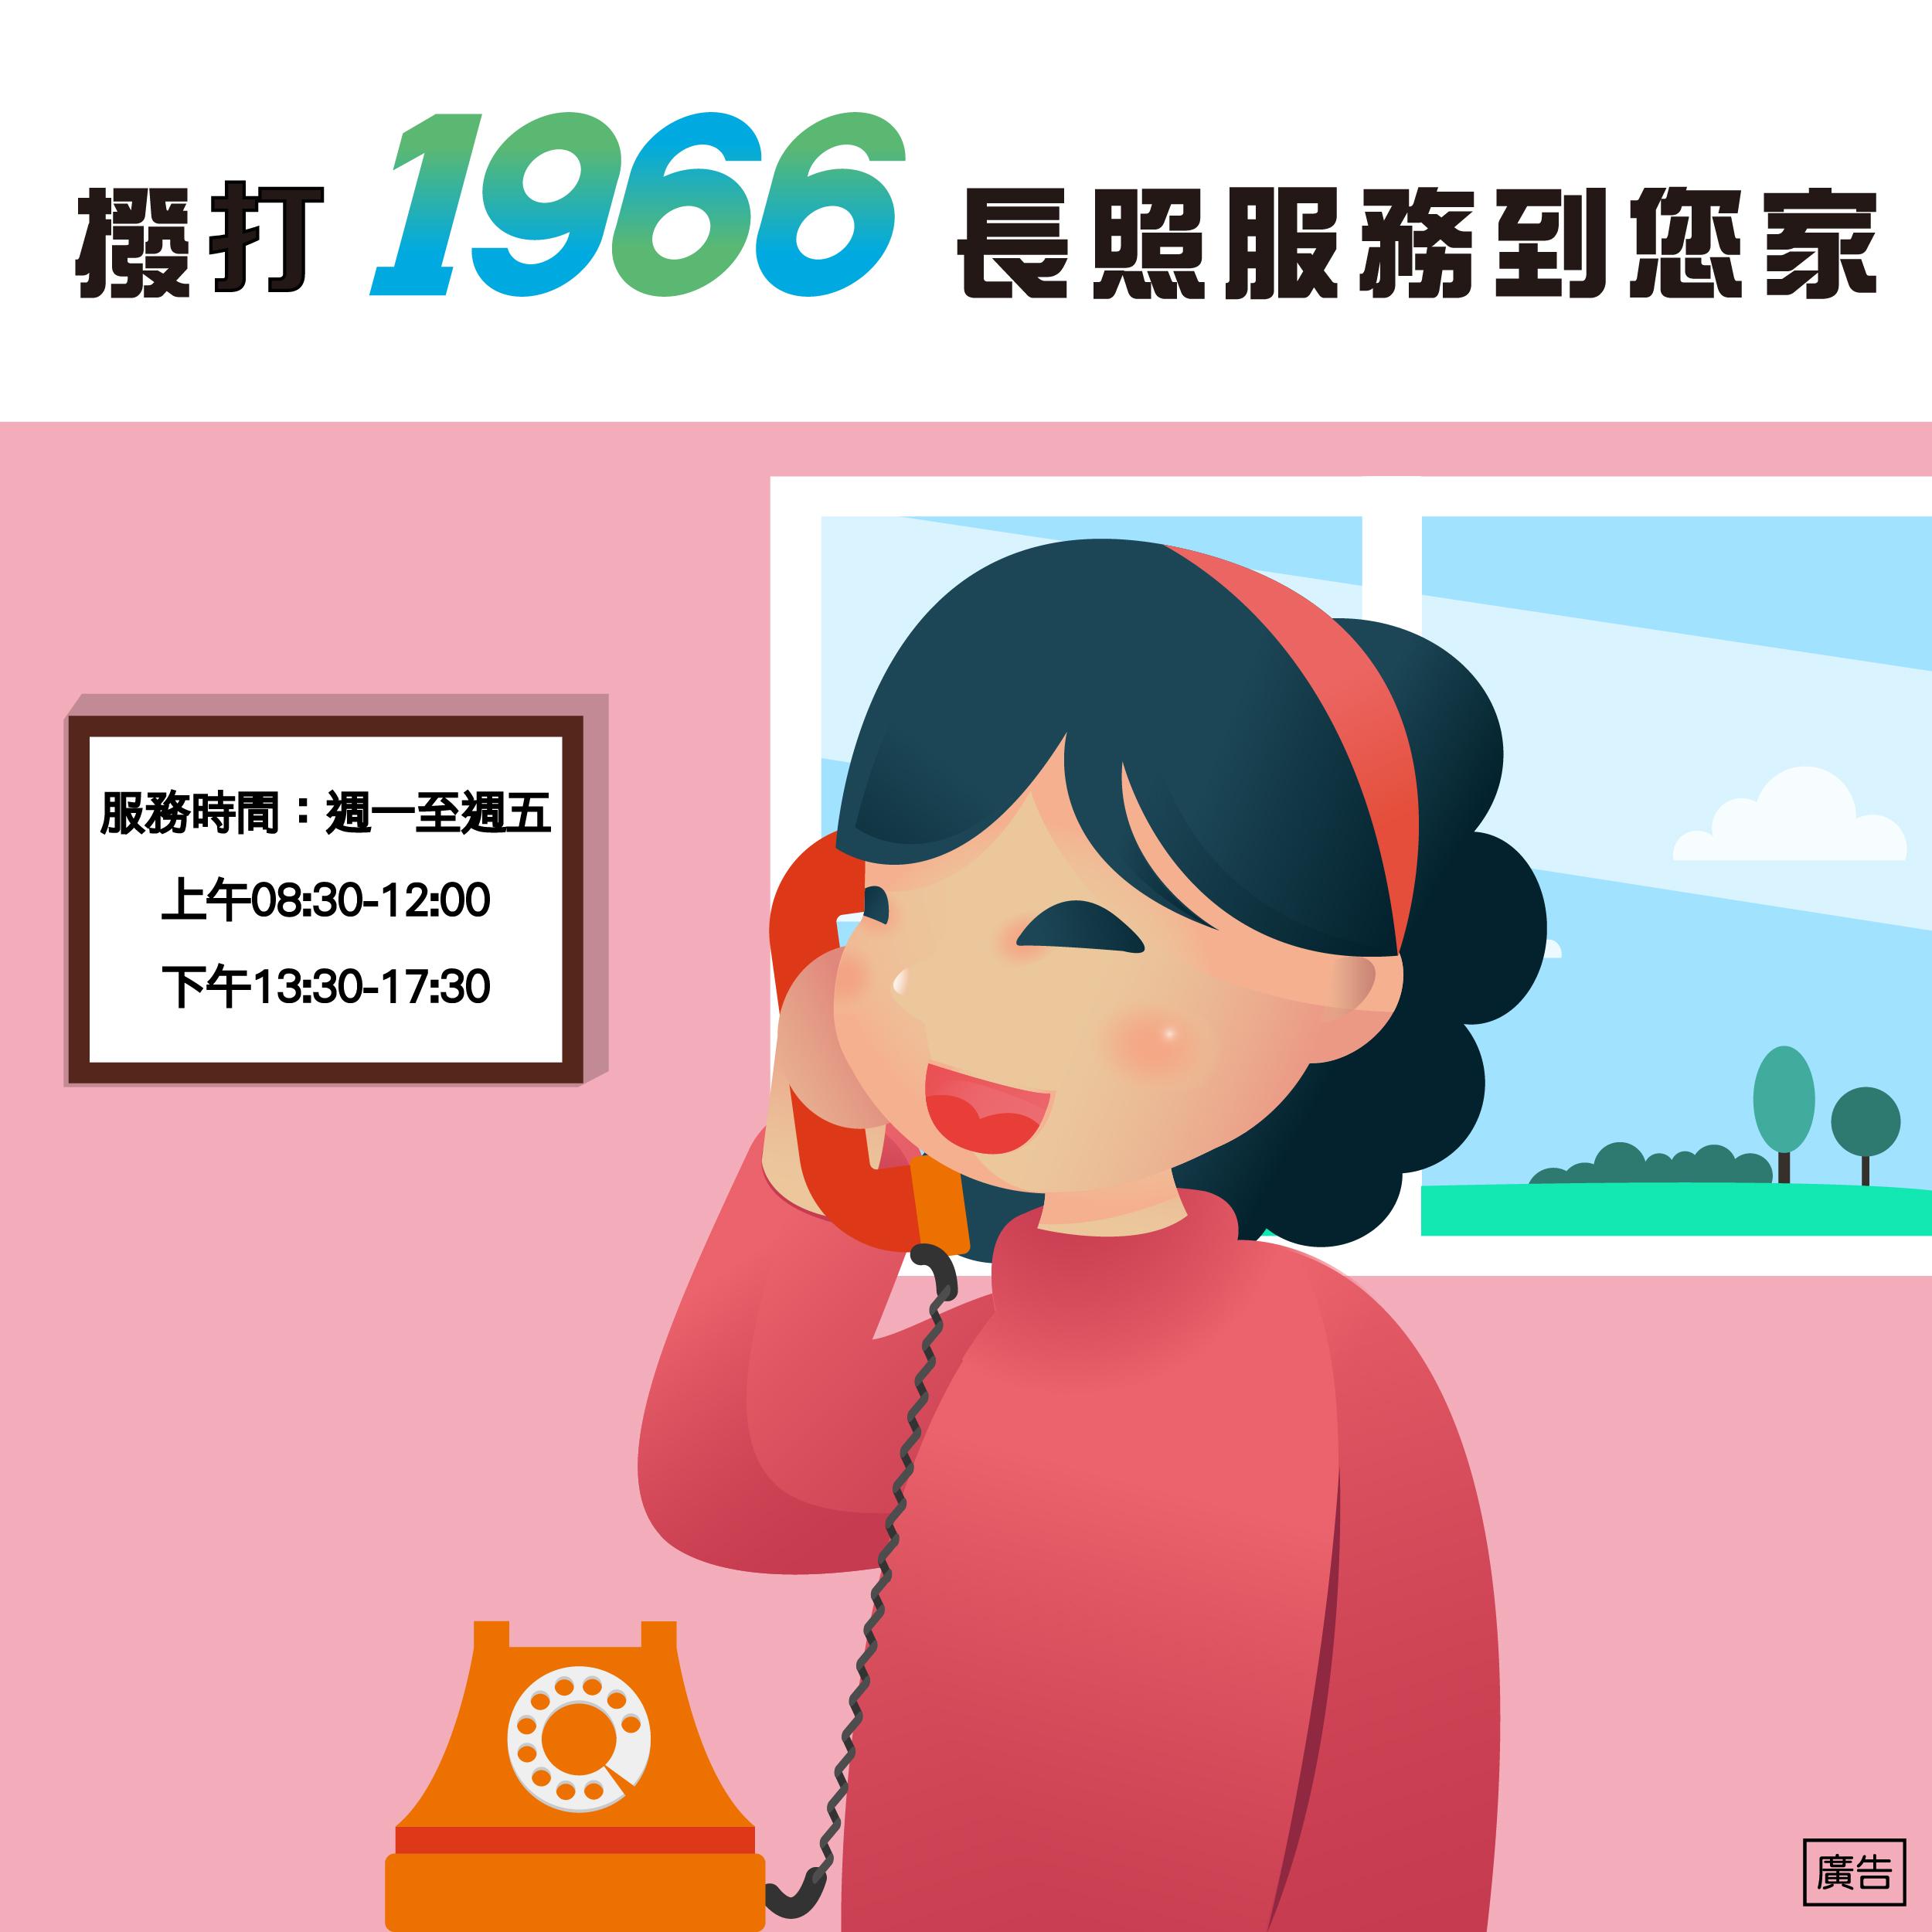 1966長照服務專線(懶人包)